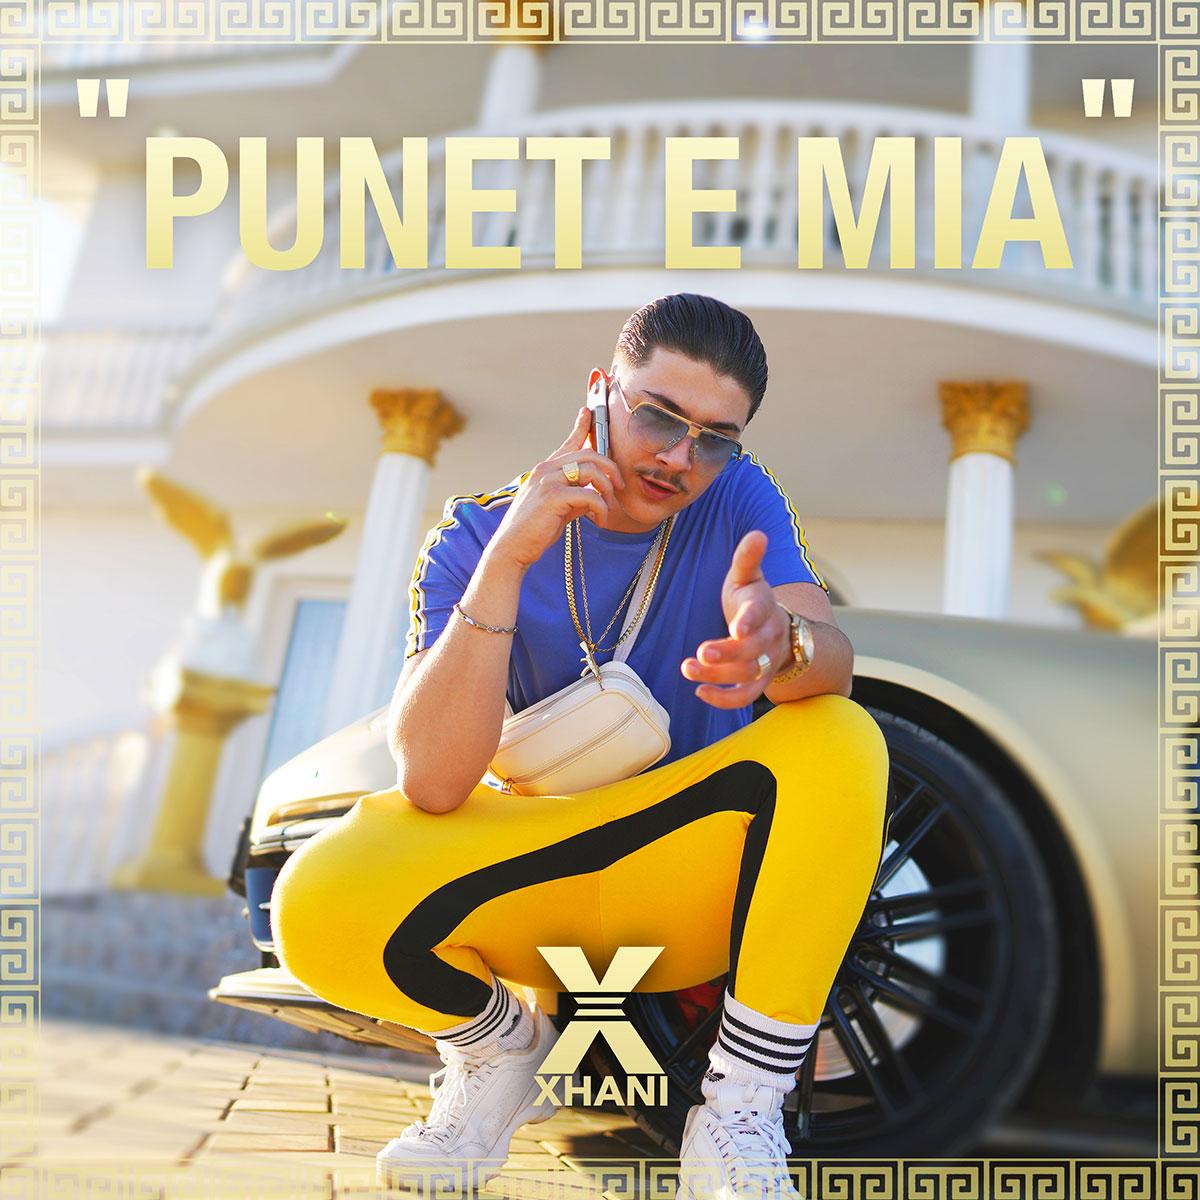 Upcoming: XHANI - Punet E Mia